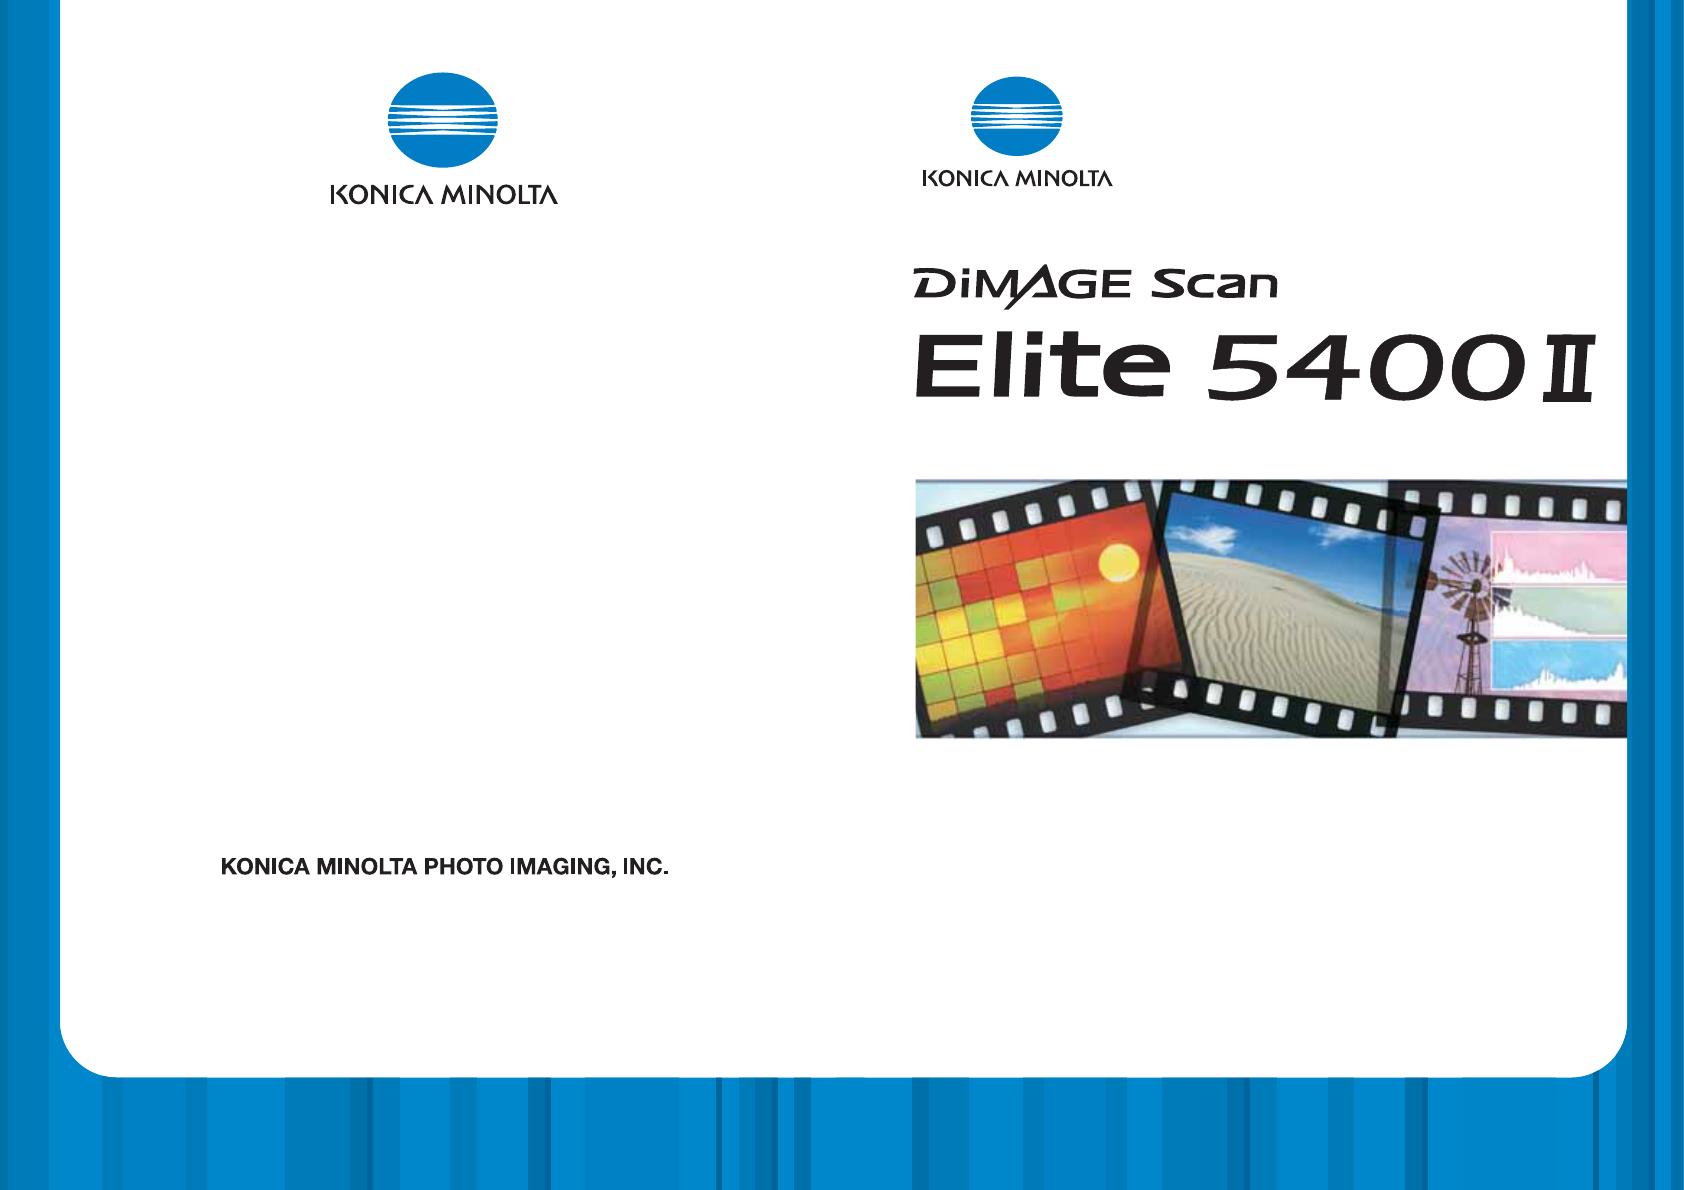 elite 5400: